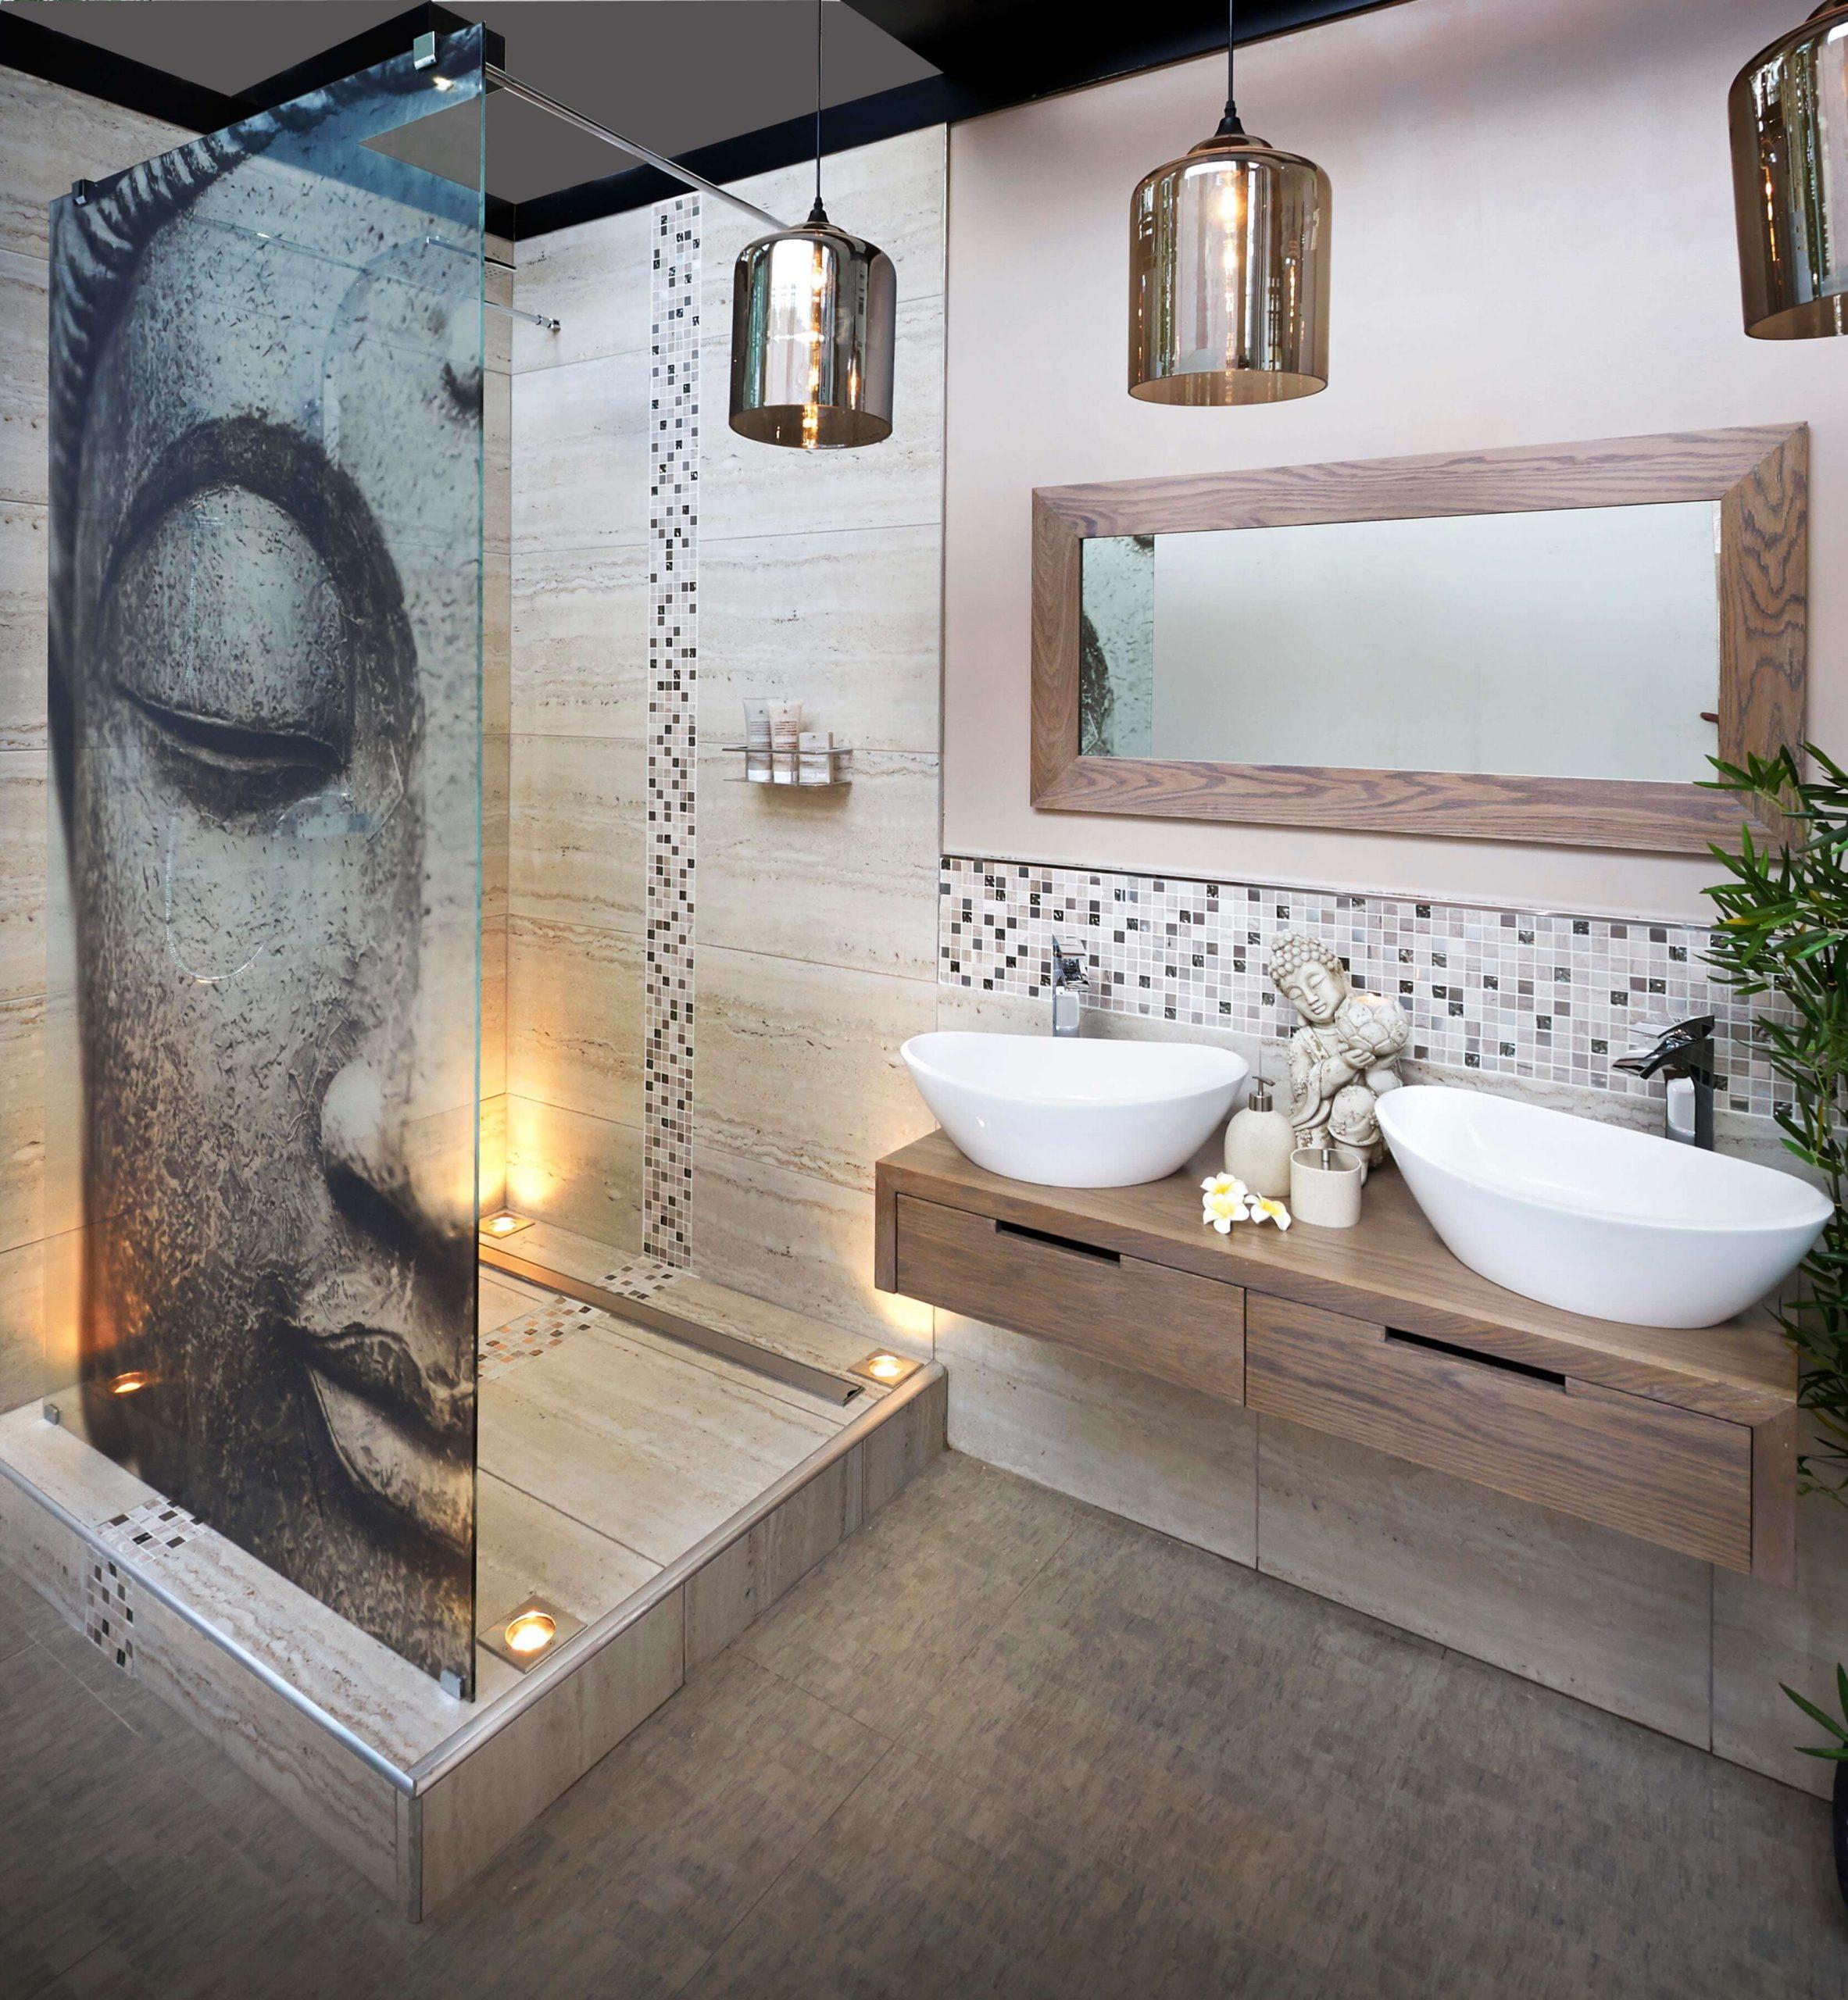 Фото подвесной тумбы под раковину в ванную